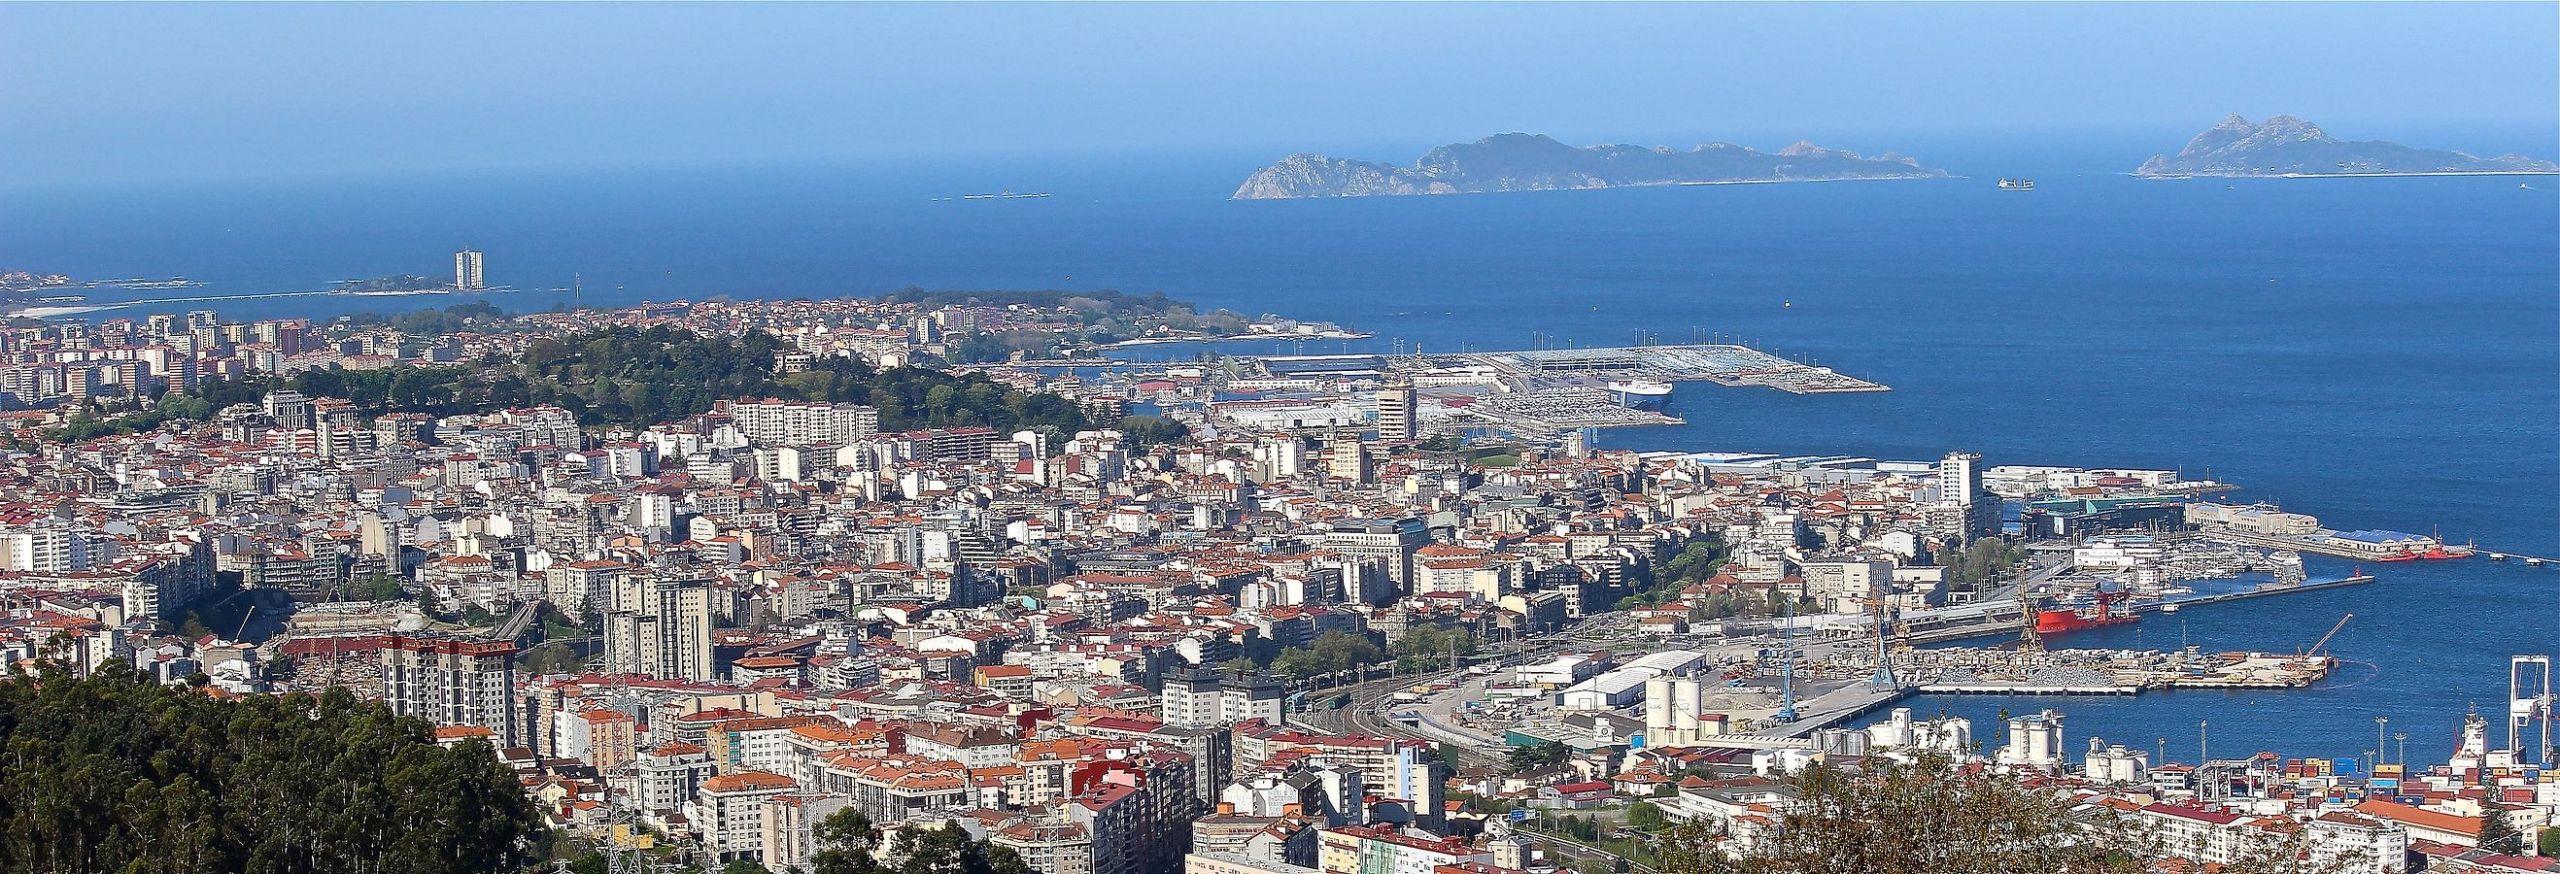 2635px Vigo panoramico